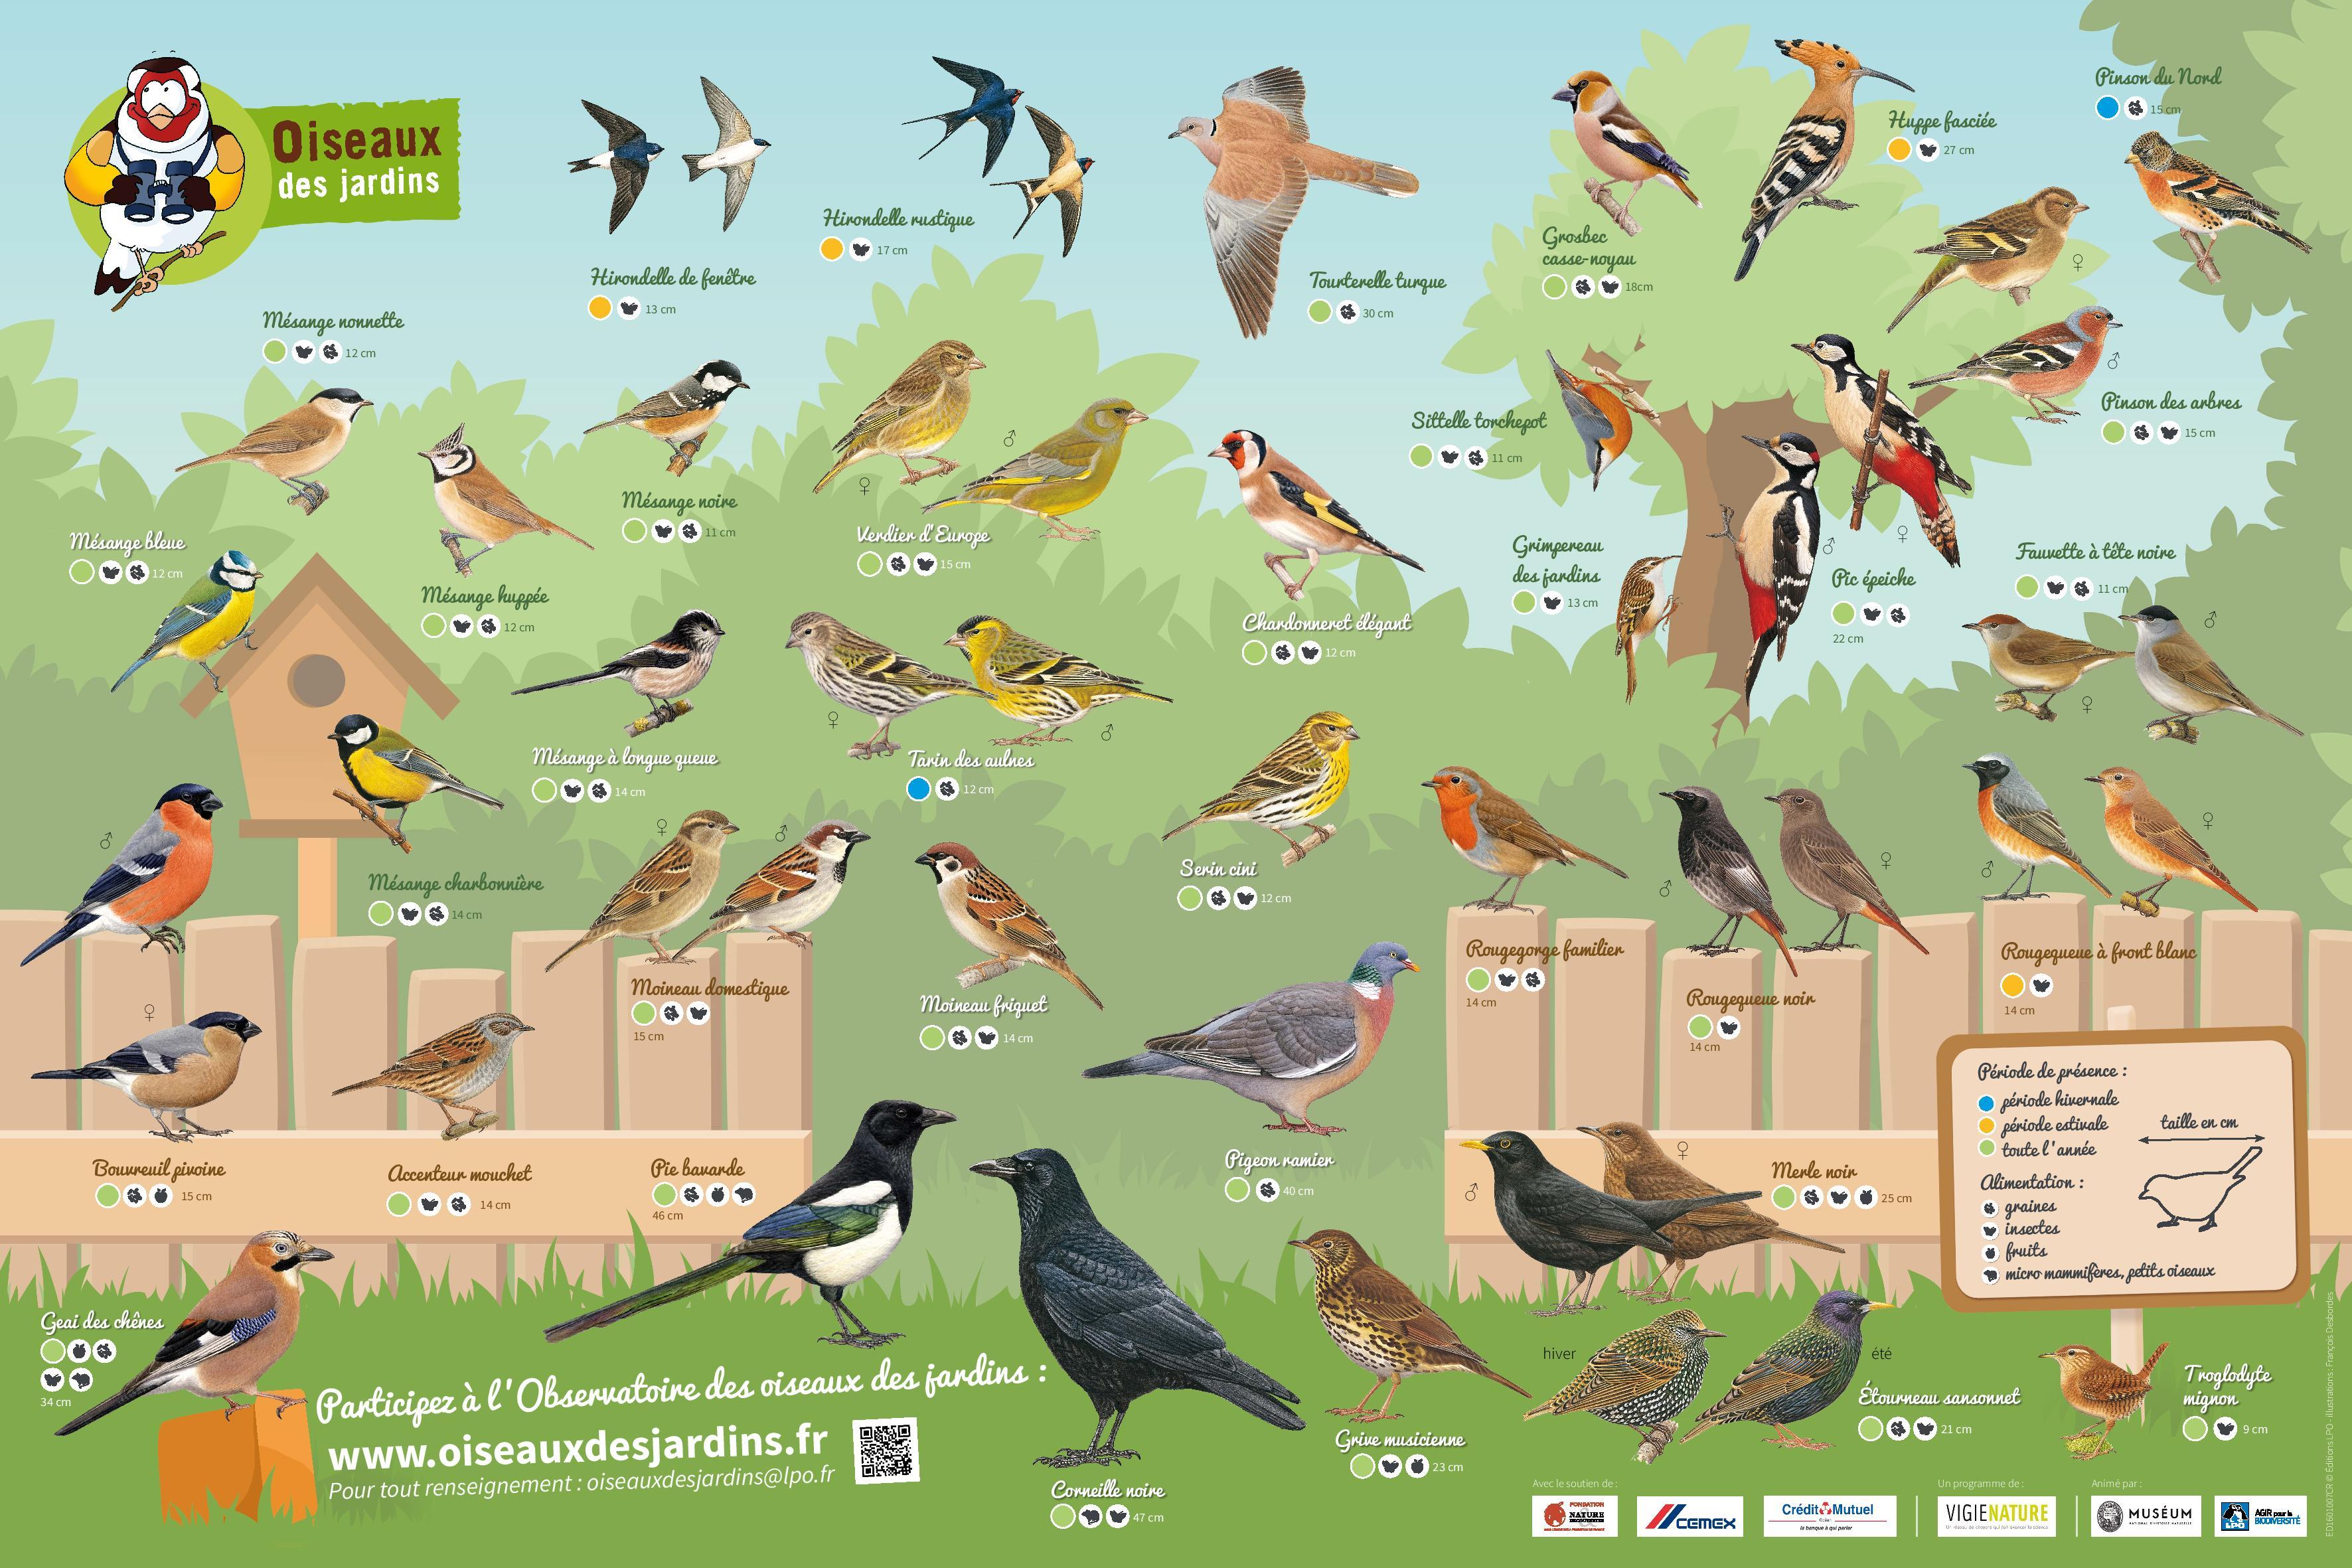 https://cdnfiles2.biolovision.net/www.oiseauxdesjardins.fr/userfiles/PosterODJ2016.jpg